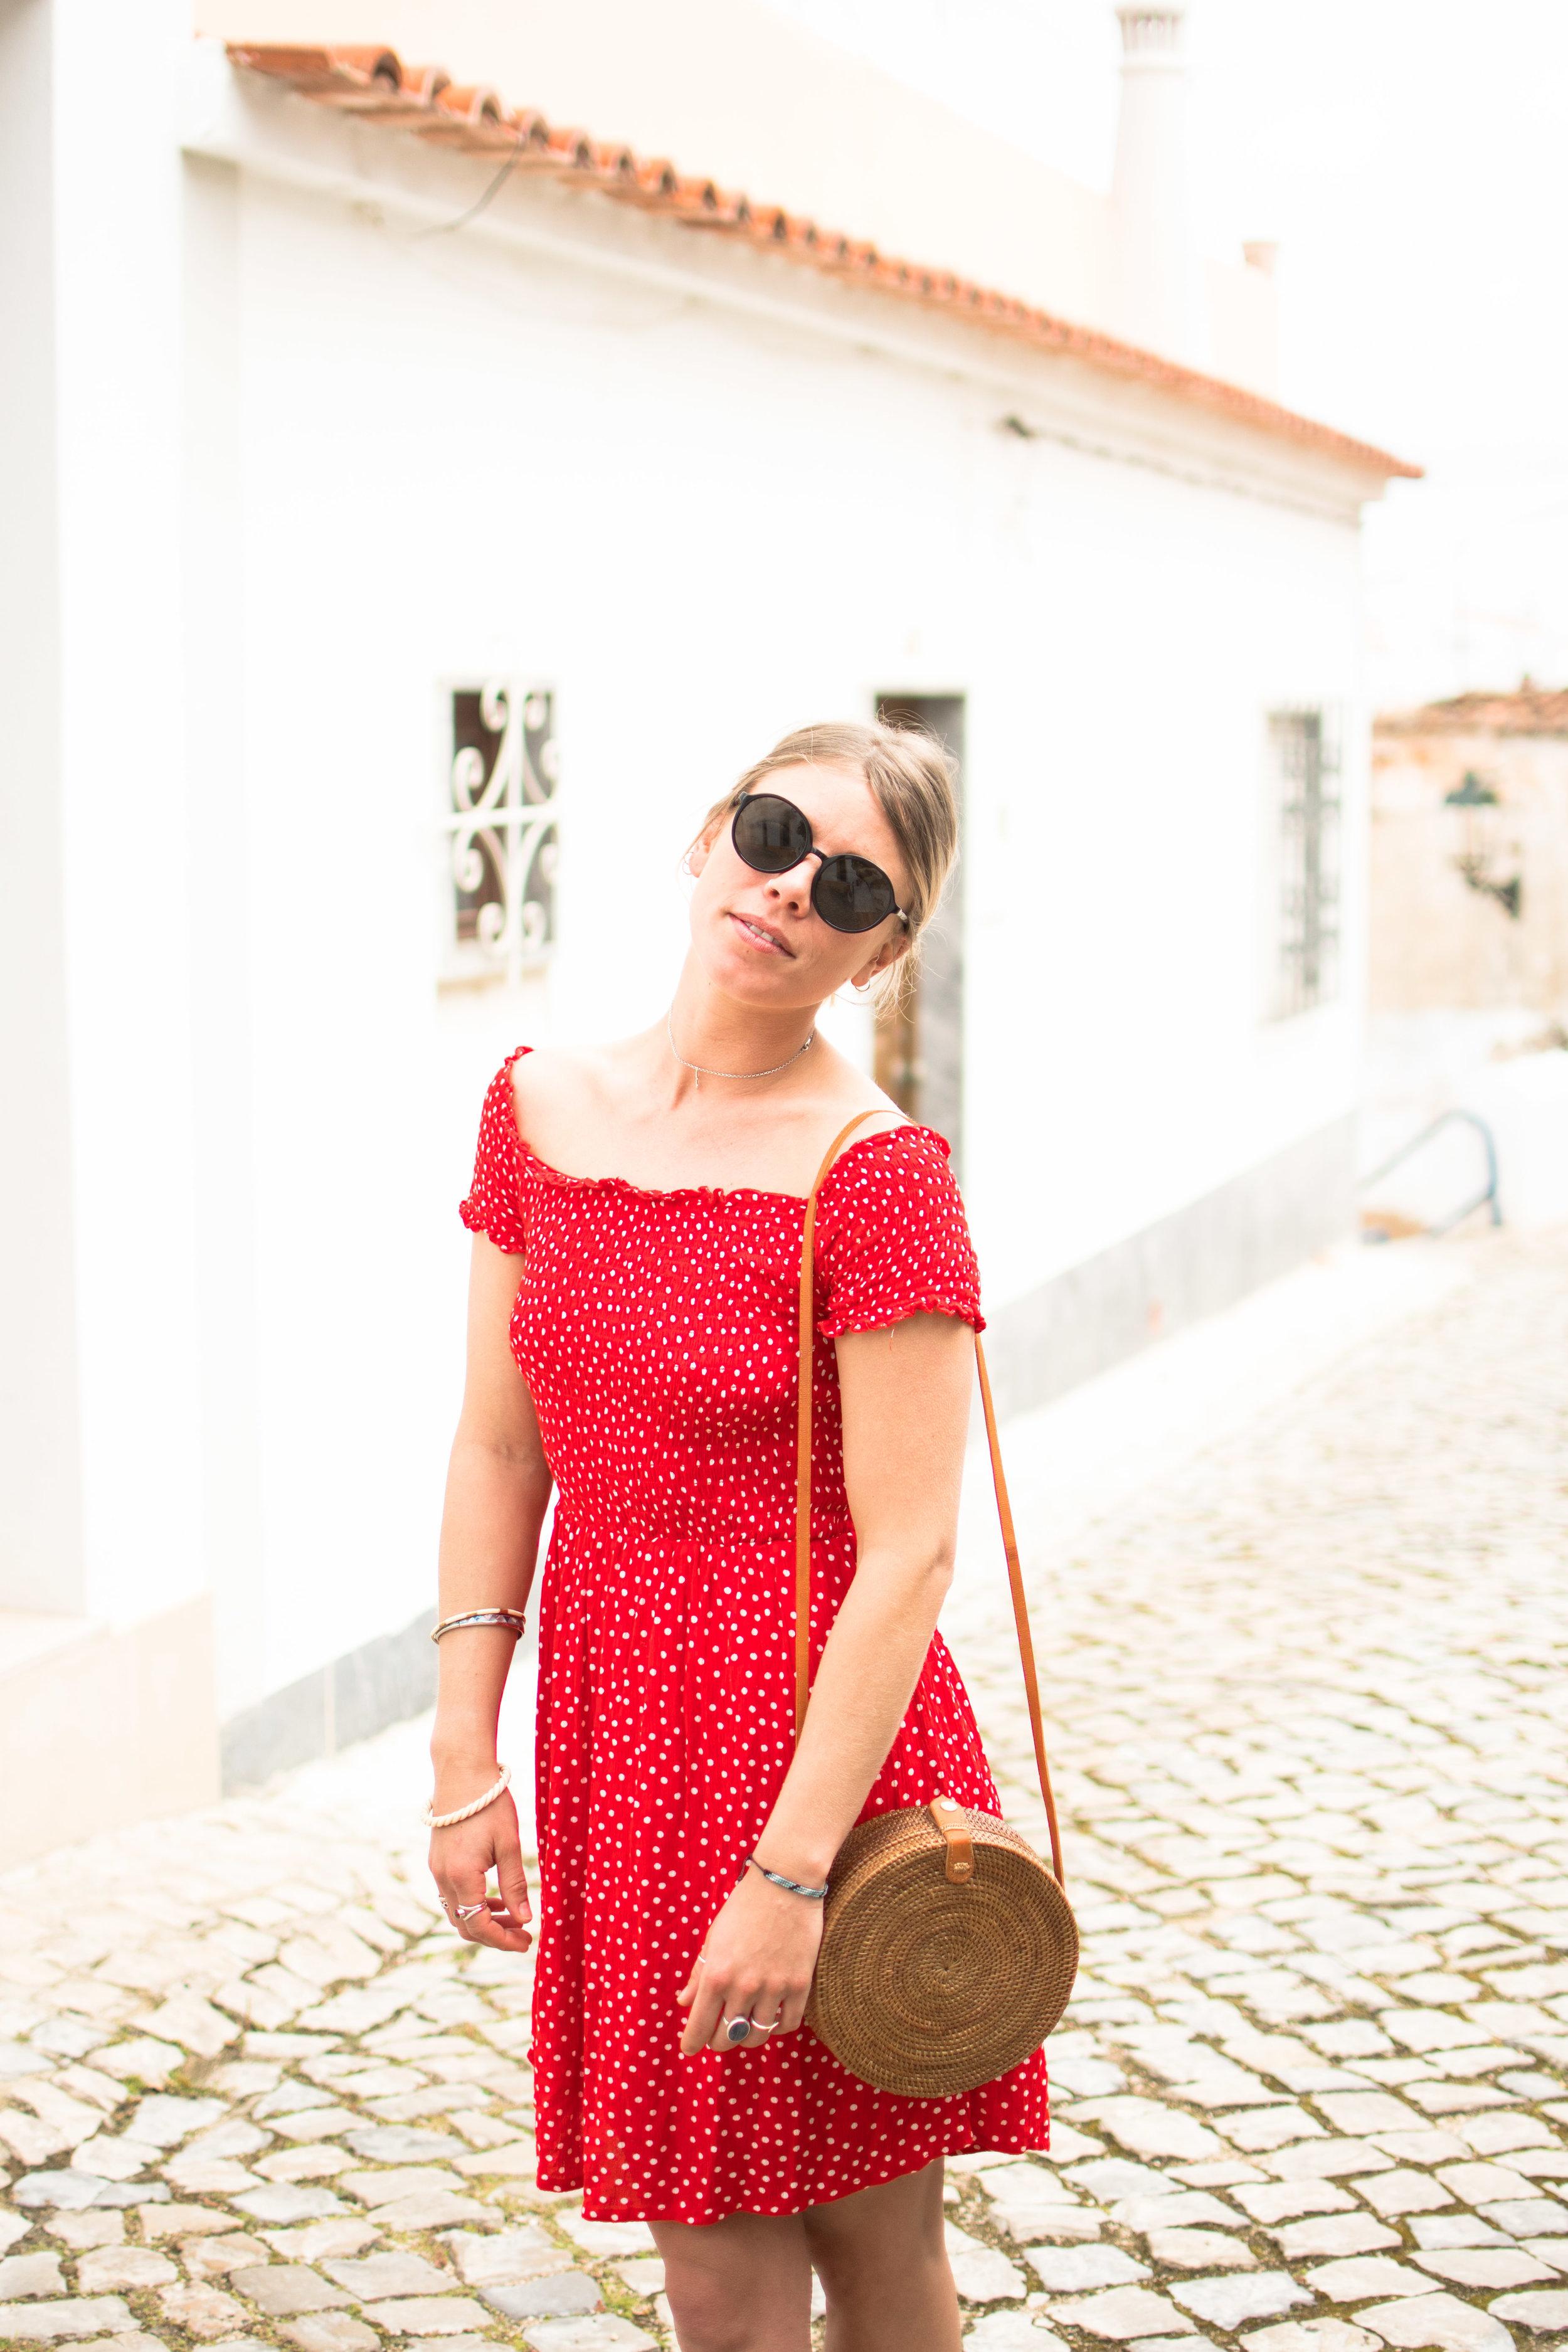 Rattan-bag-summer-dress.jpg